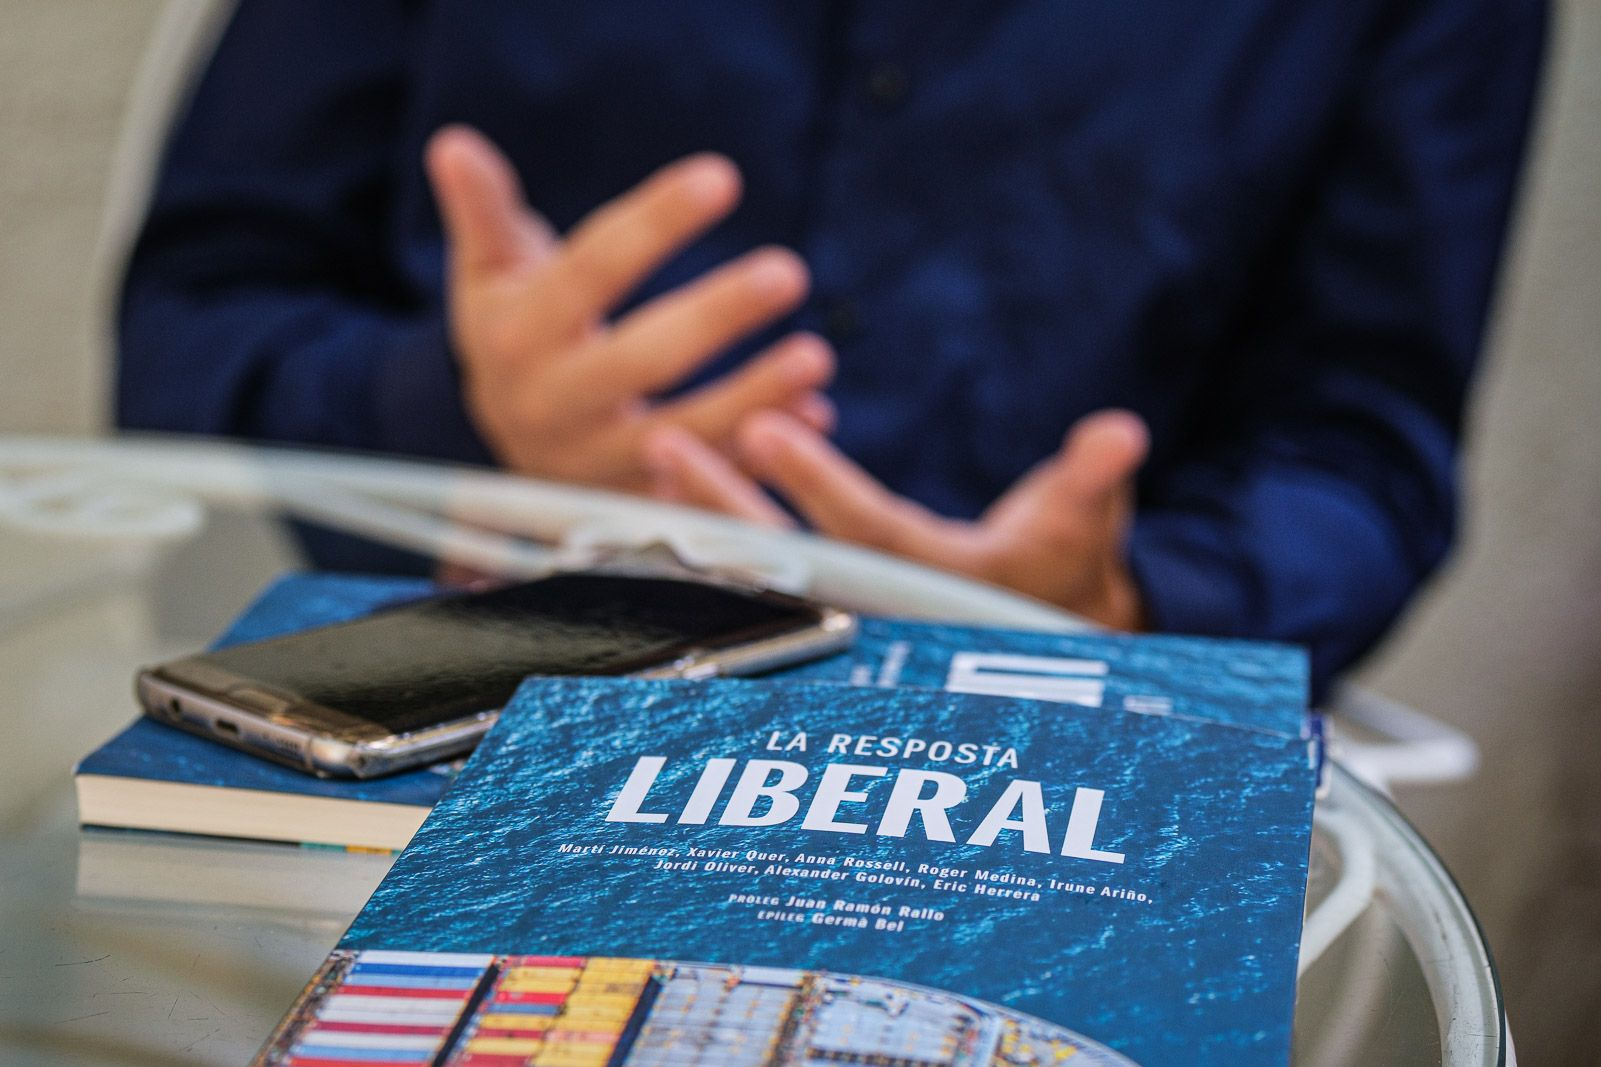 Portada de 'La resposta liberal' (JORDI BORRÀS)